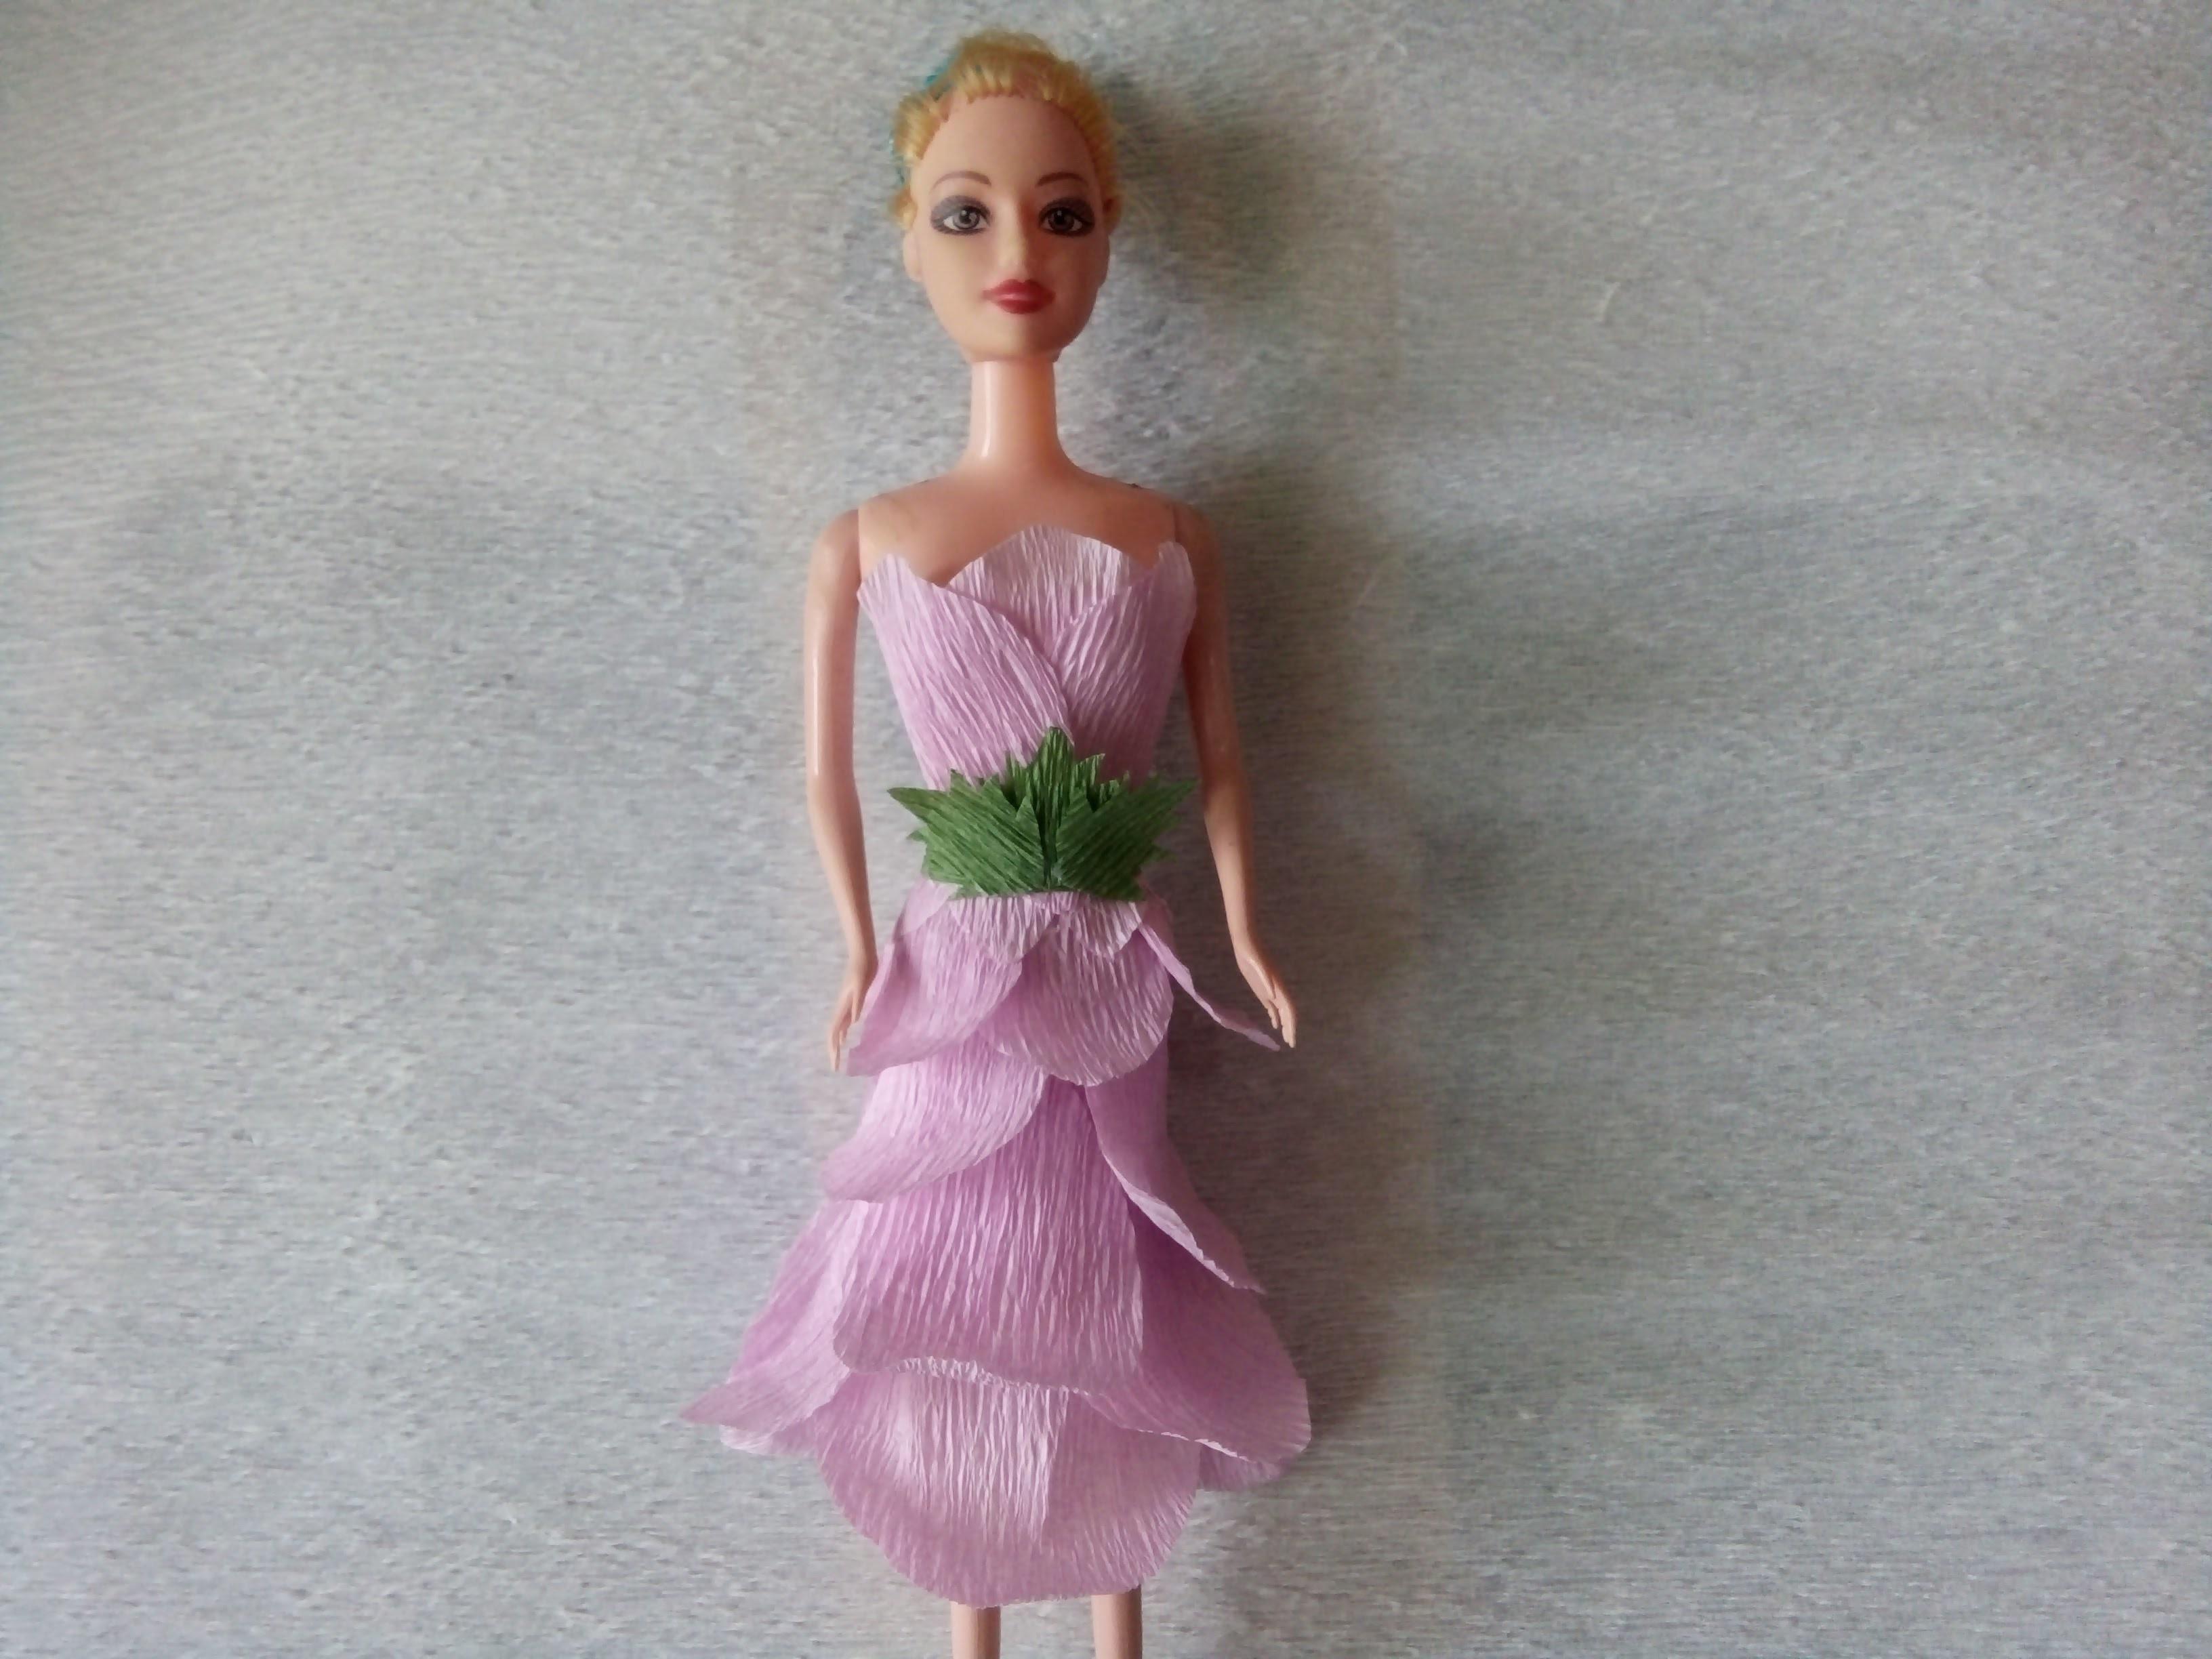 How to make paper dresses for Barbie part 5 | Làm váy búp bê Babie bằng giấy nhúm tập 5